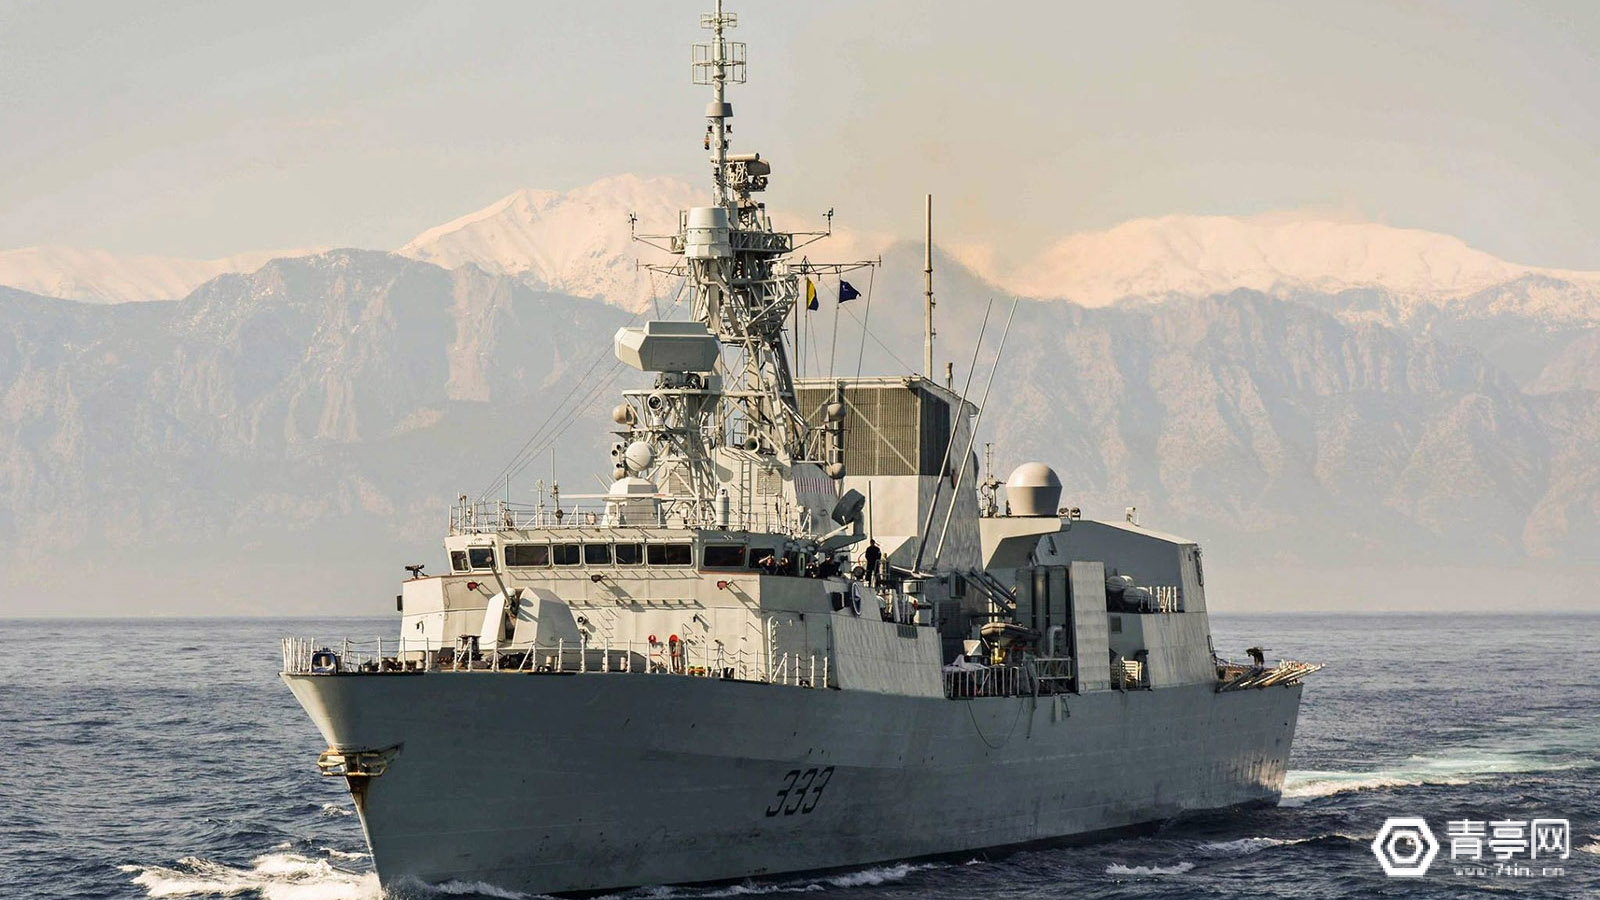 加拿大皇家海军用HoloLens进行船舶维修